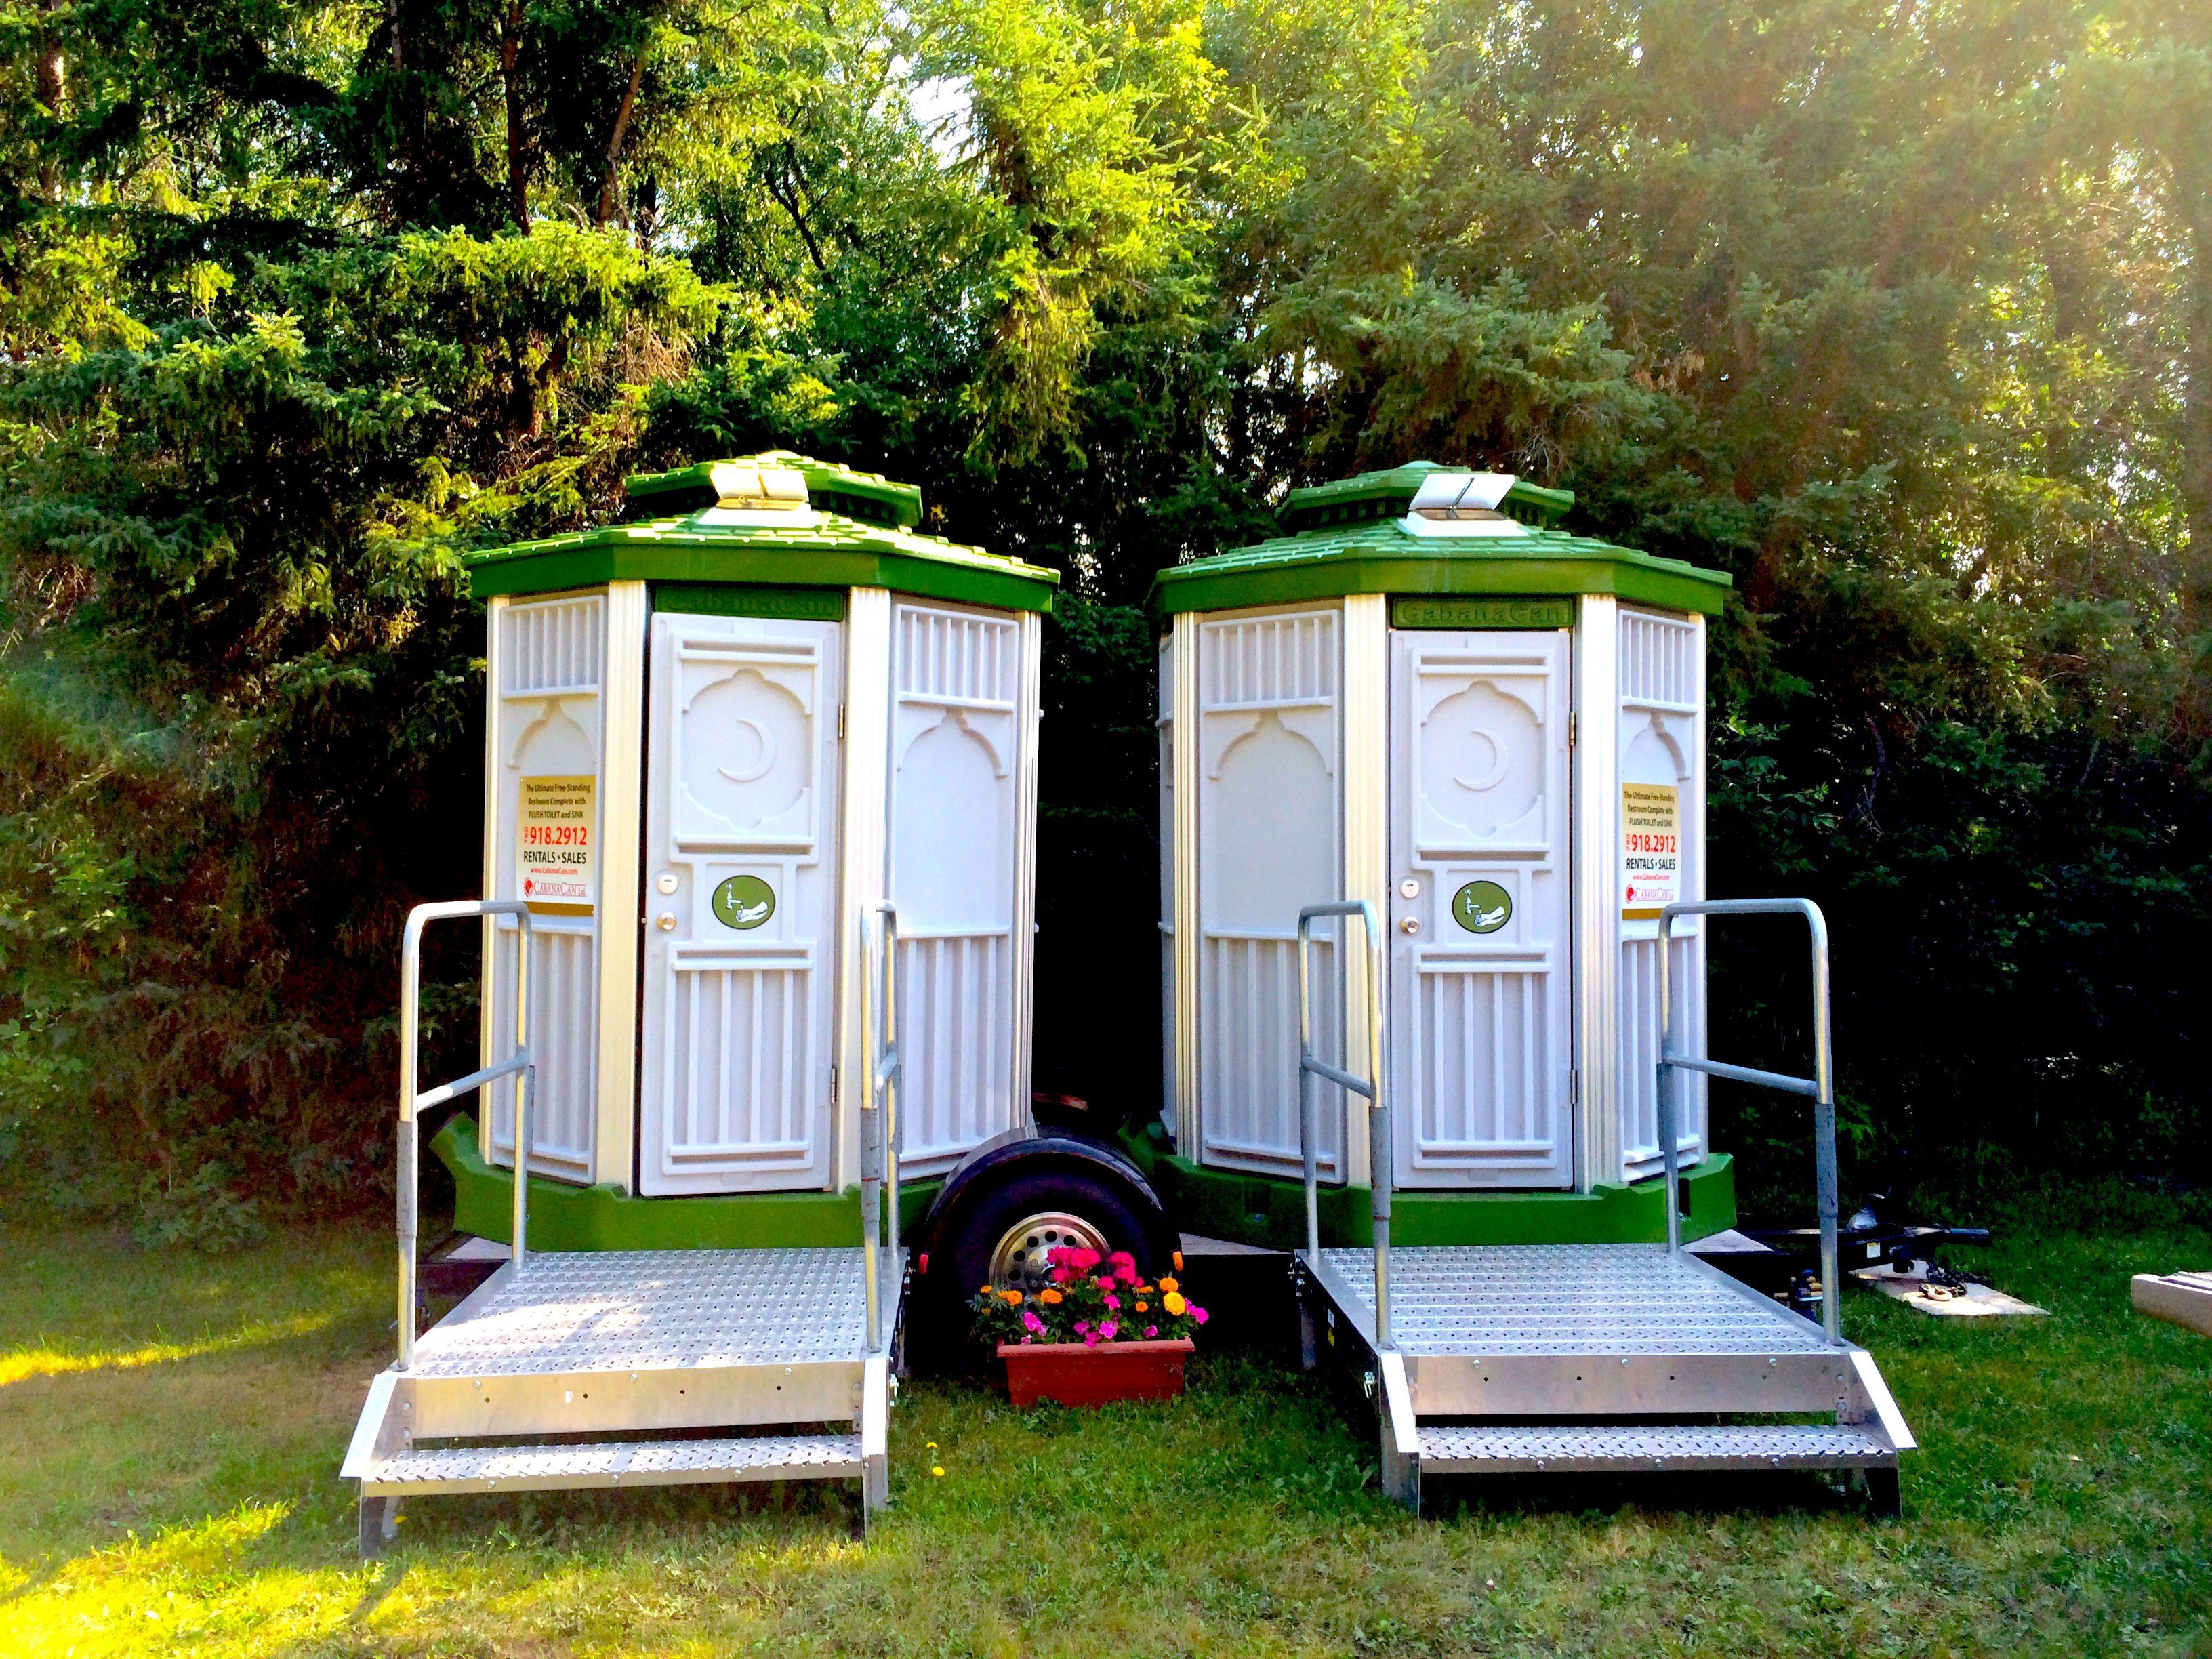 CabanaCan Backyard Wedding Aug 2014 Portable toilet